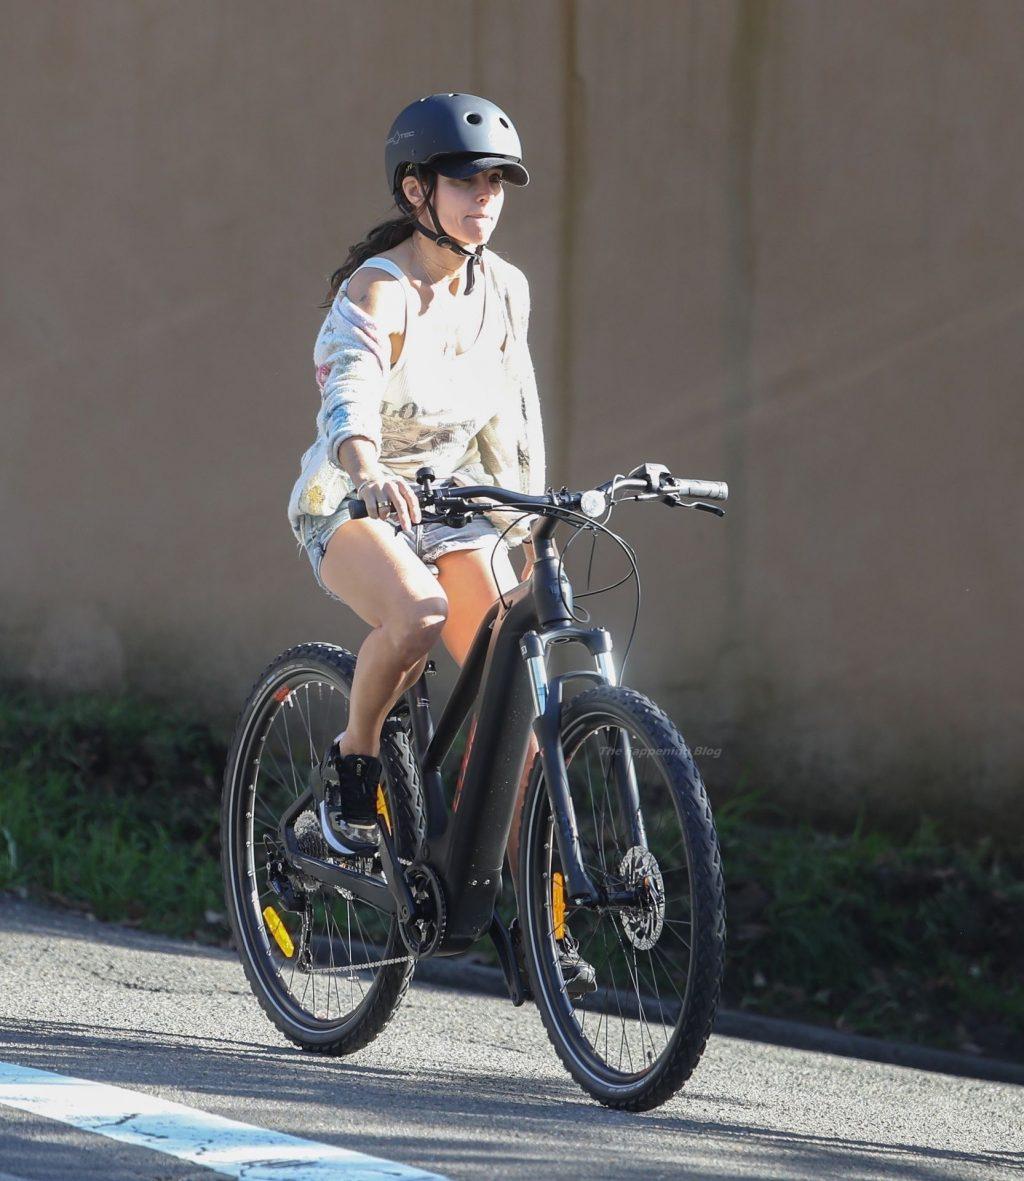 Elsa Pataky Enjoy a Bike Ride (26 Photos)